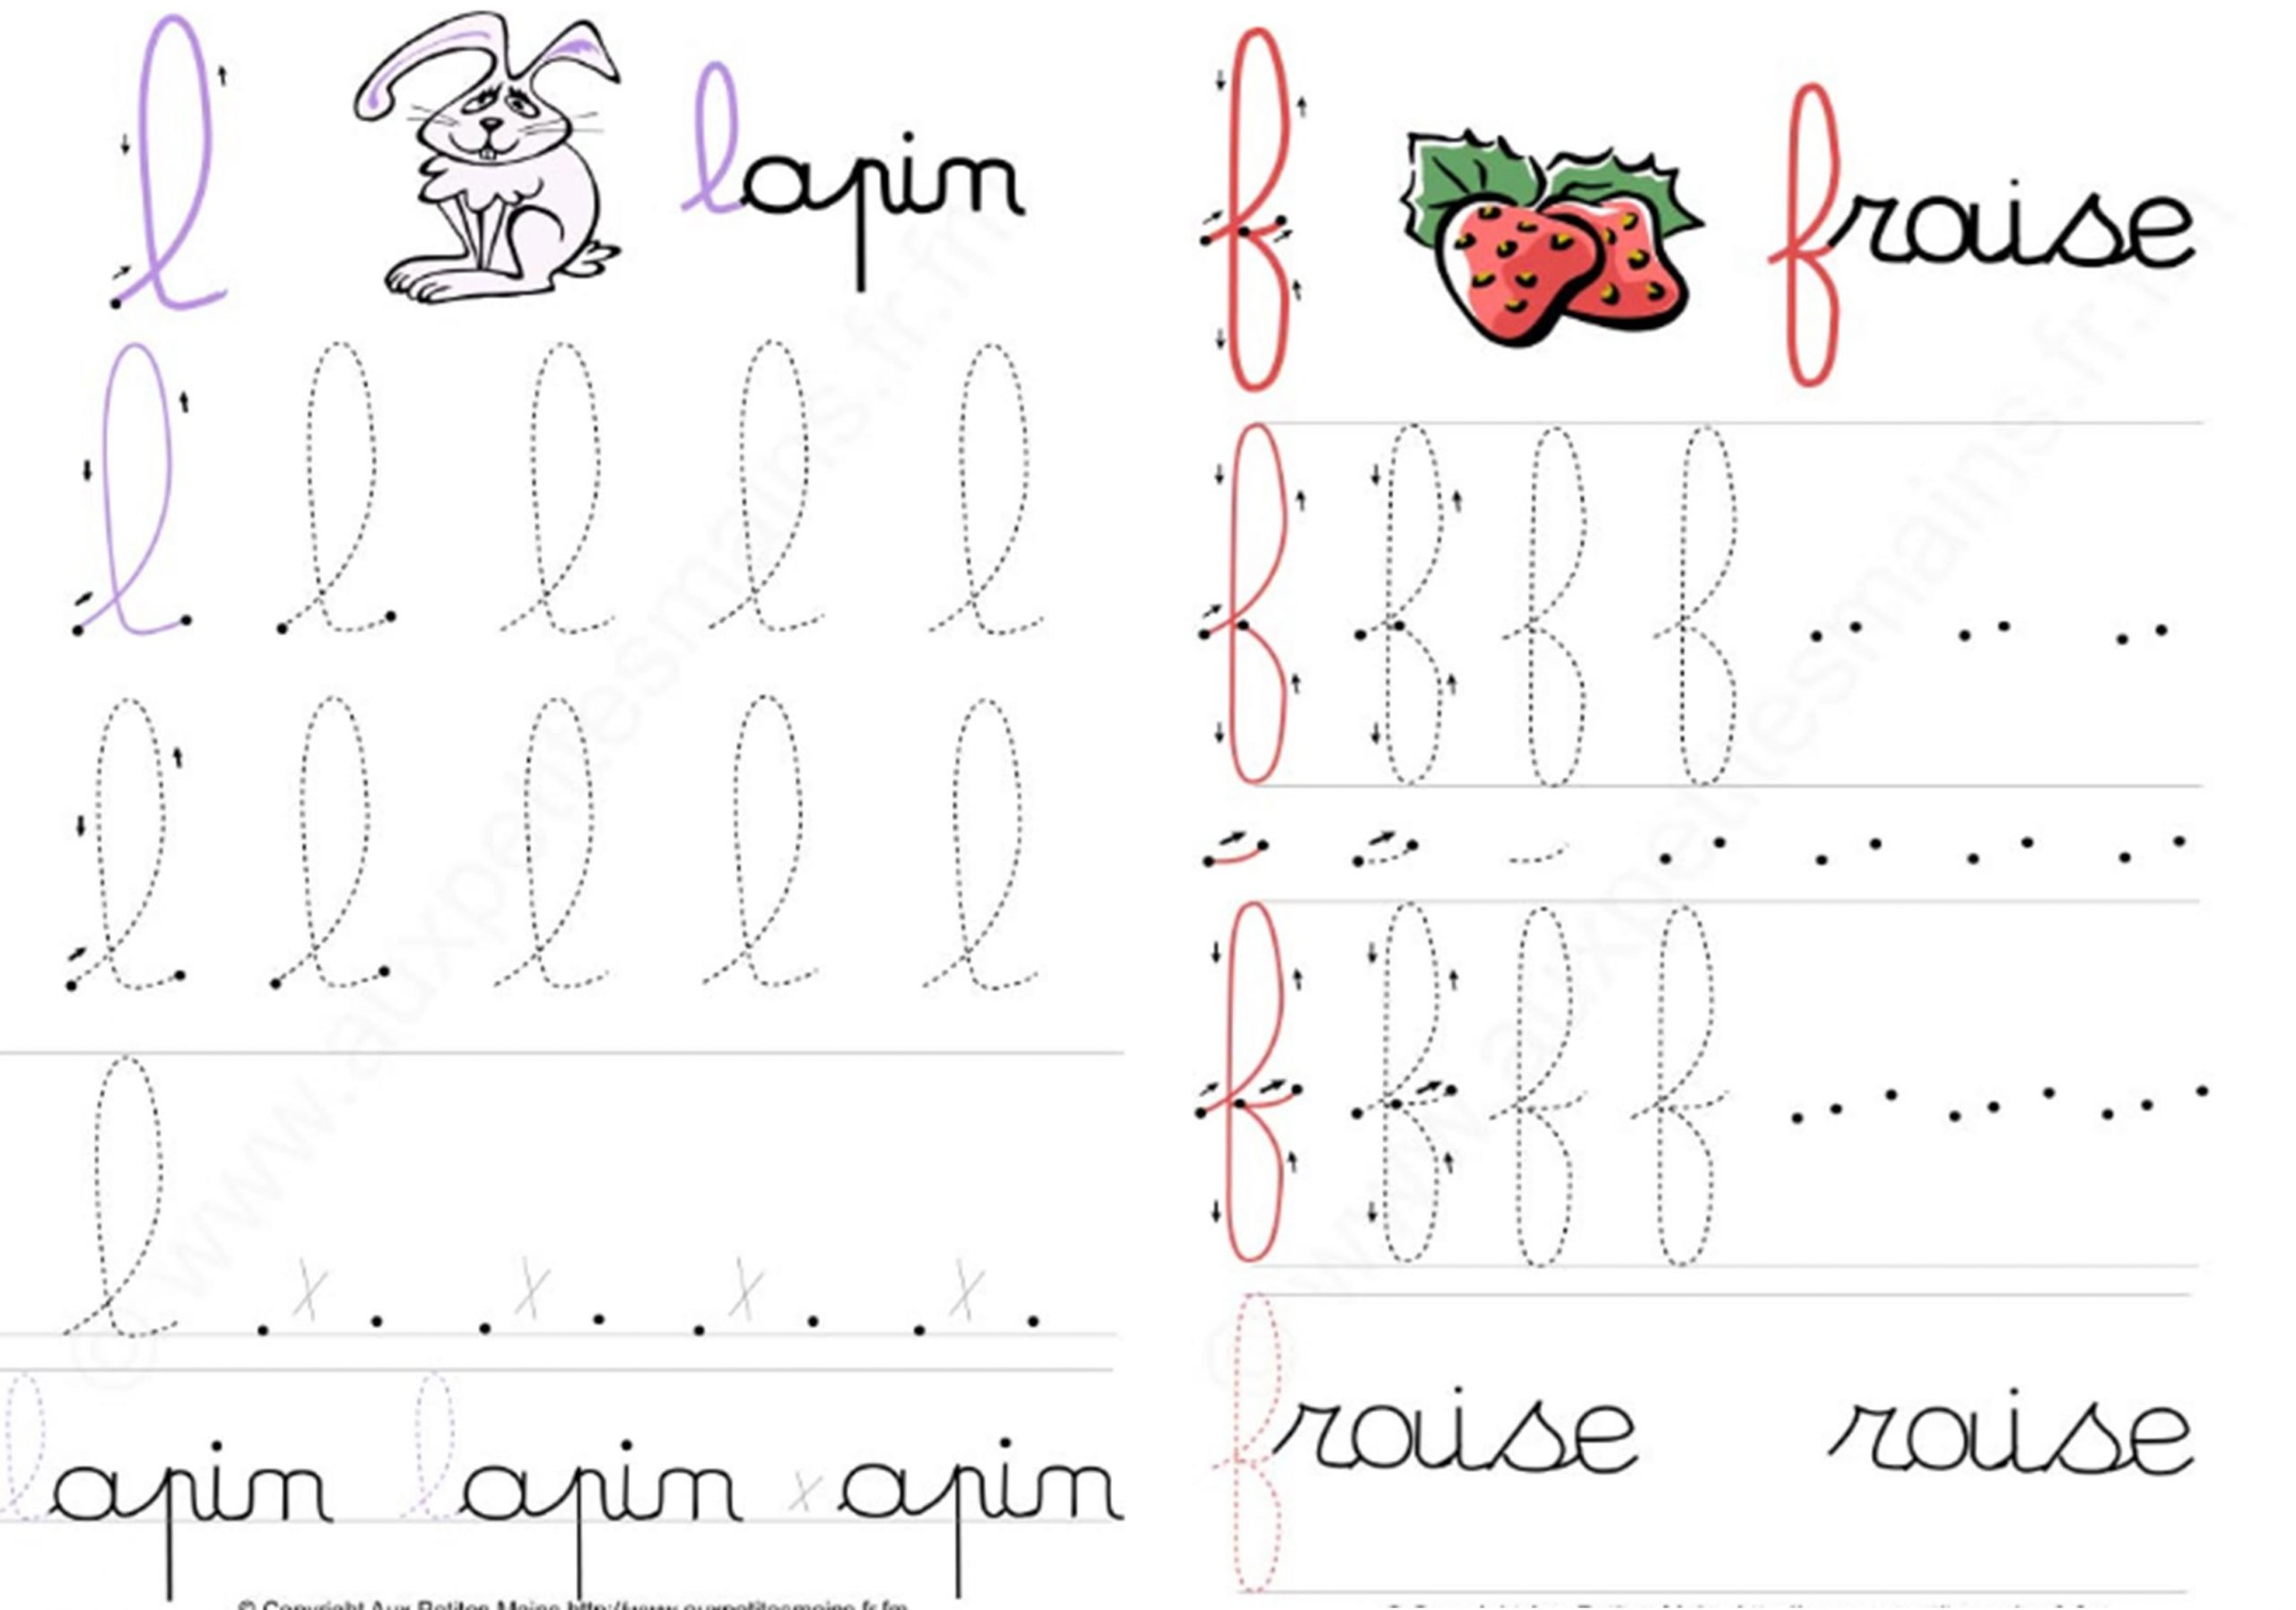 Fichier D'écriture Grande Section | Le Blog De Monsieur Mathieu destiné Exercice Grande Section Maternelle Gratuit En Ligne